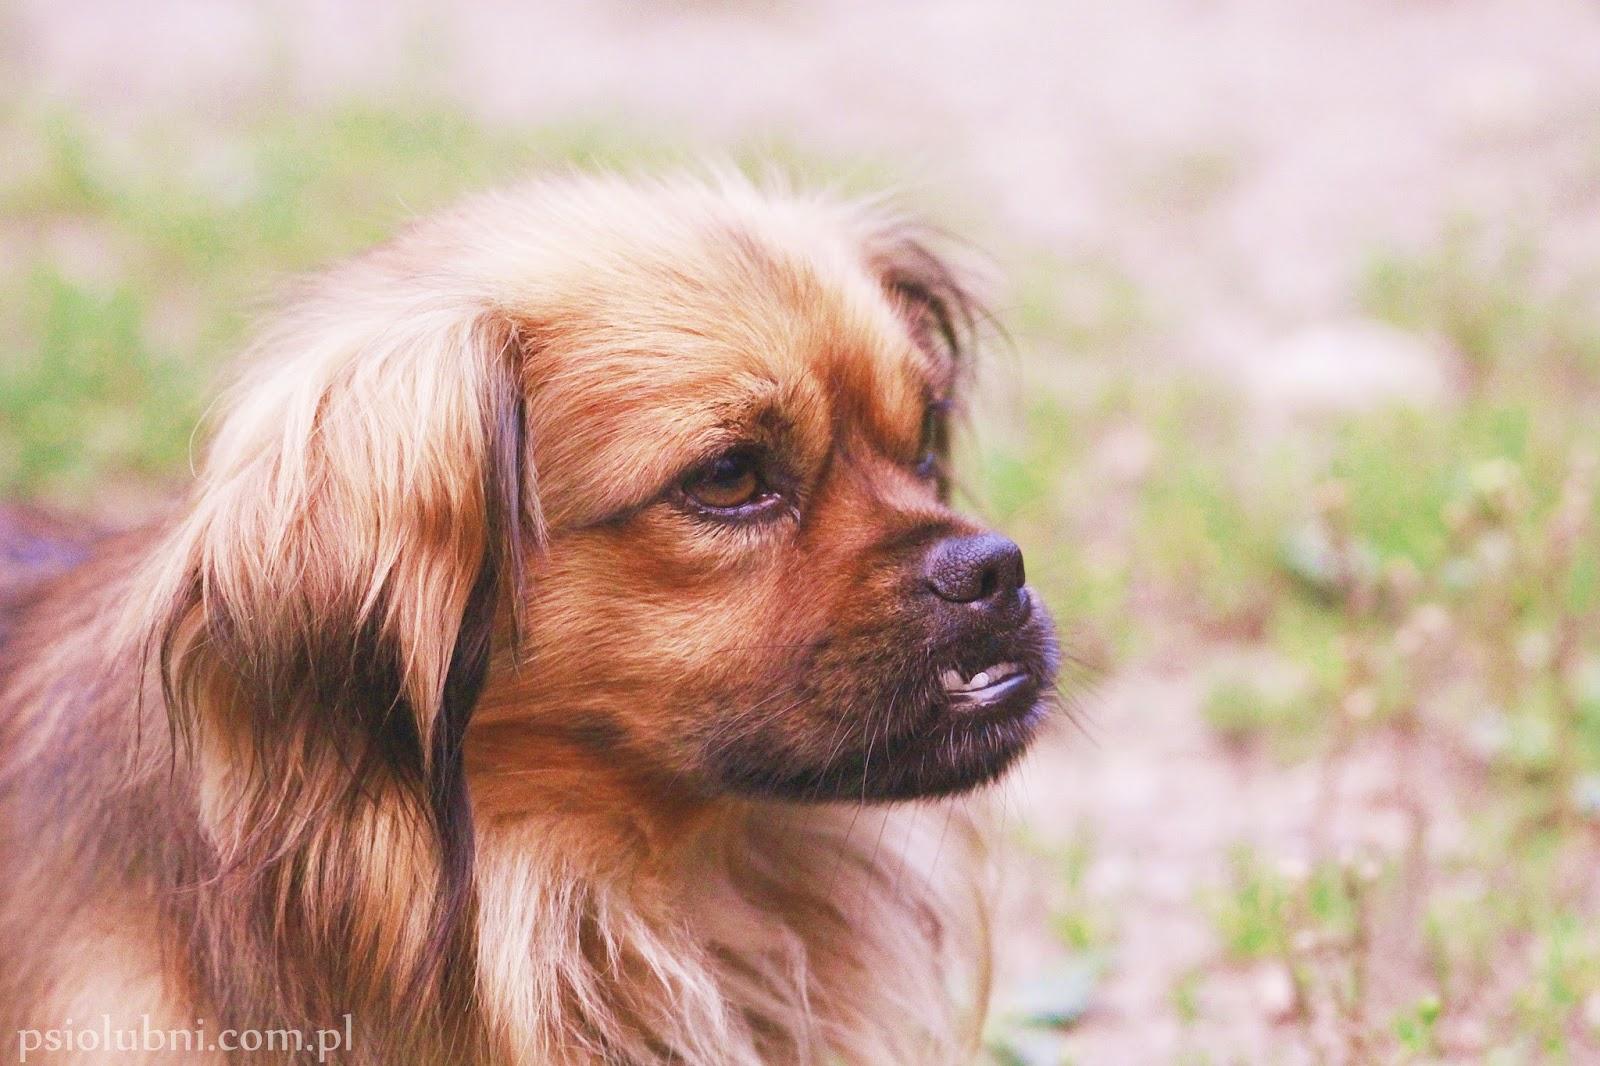 znalazłem psa, zaginął pies, gdzie zgłosić znalezienie psa, schronisko dla psów, psy w schroniskach, dom tymczasowy, psy do adopcji, psy rasowe, pekińczyk, blog o psach, psiolubni,